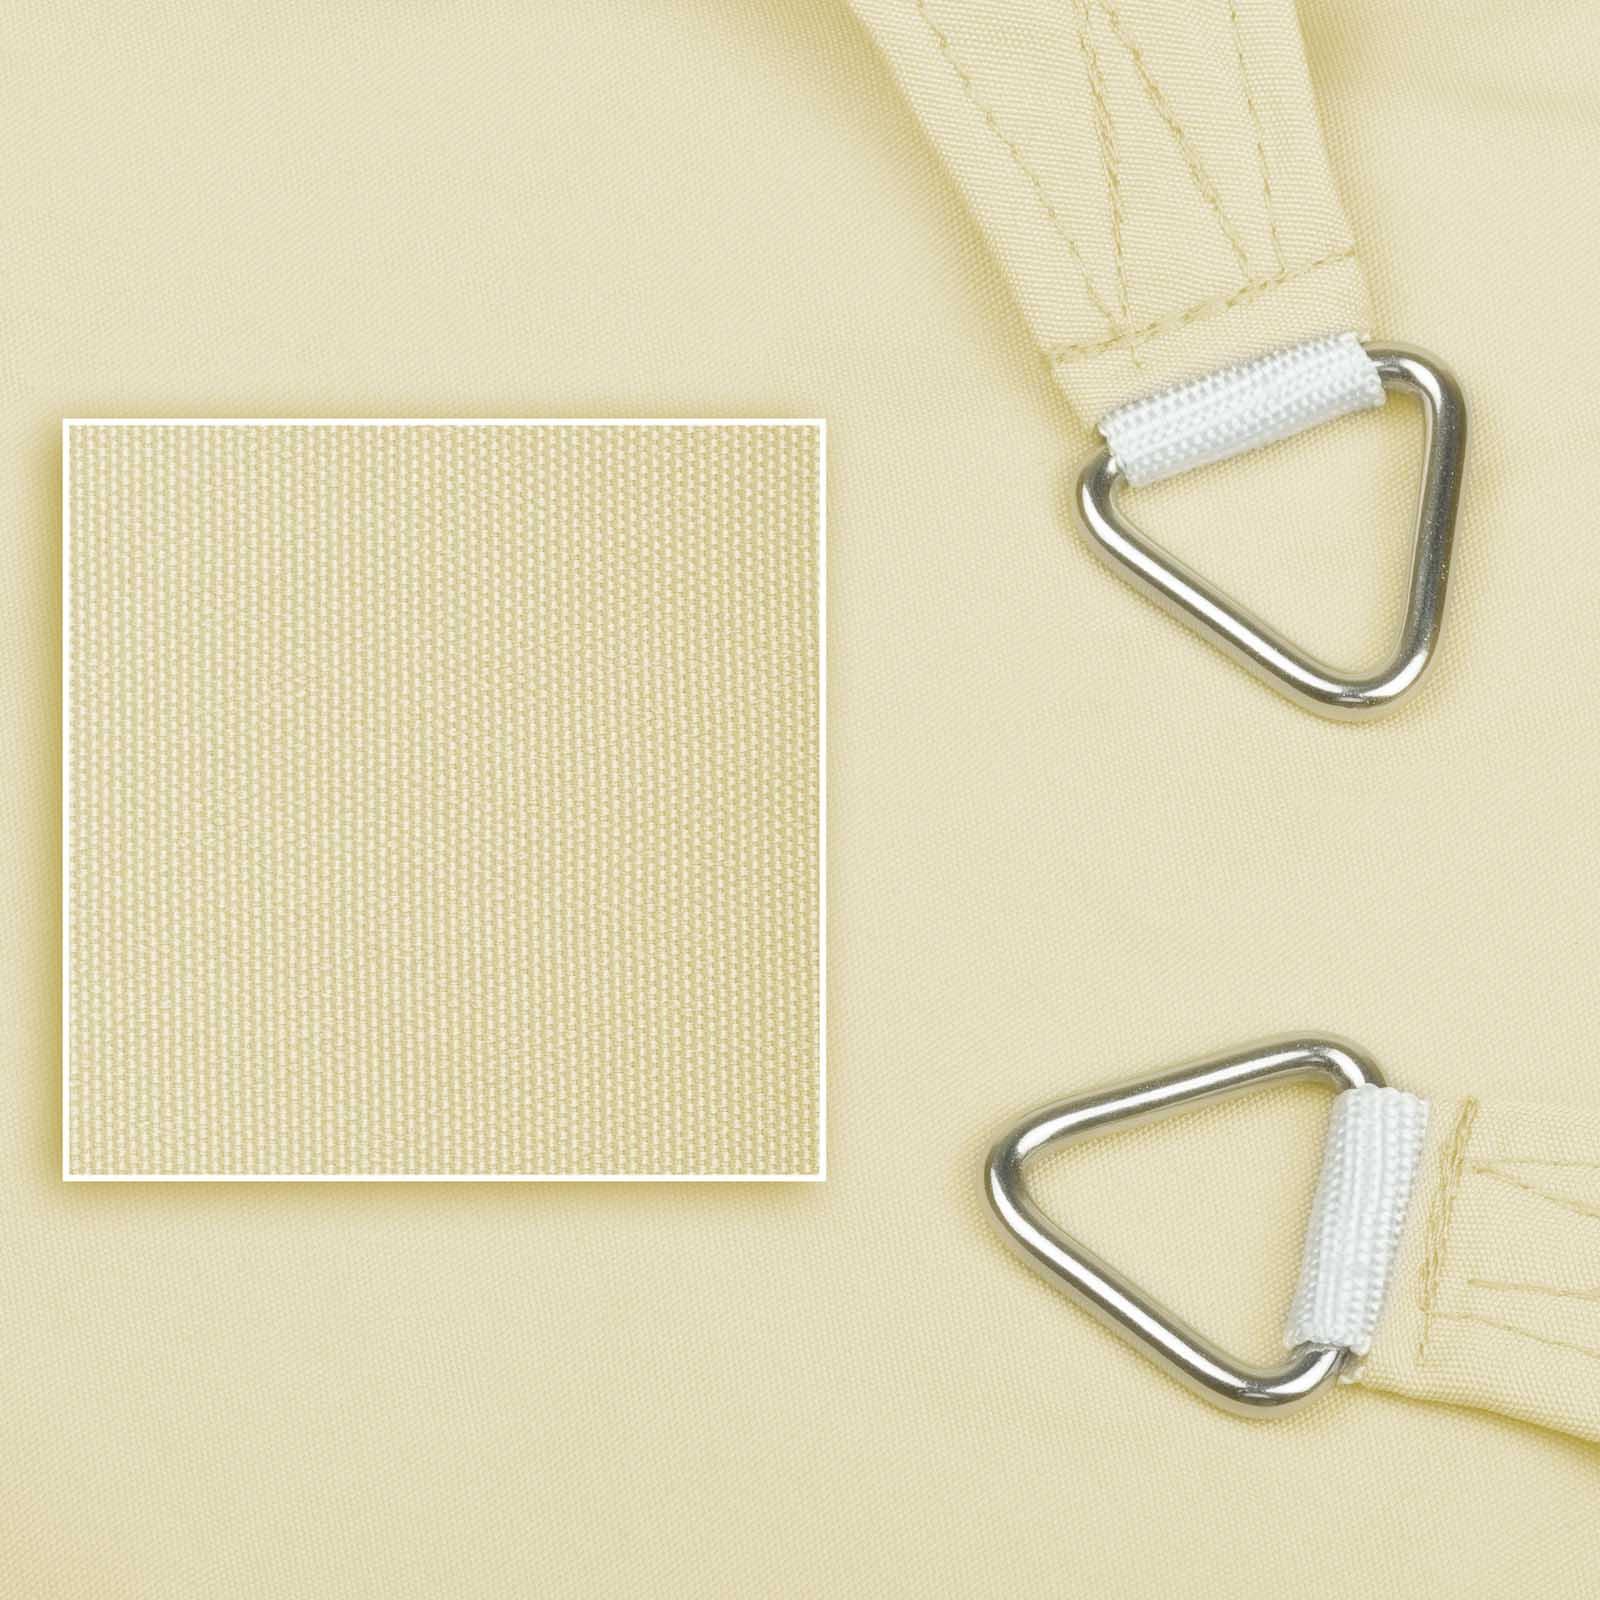 sose_wasserdicht_creme Neueste sonnensegel Wasserdicht 6x4 Design-ideen